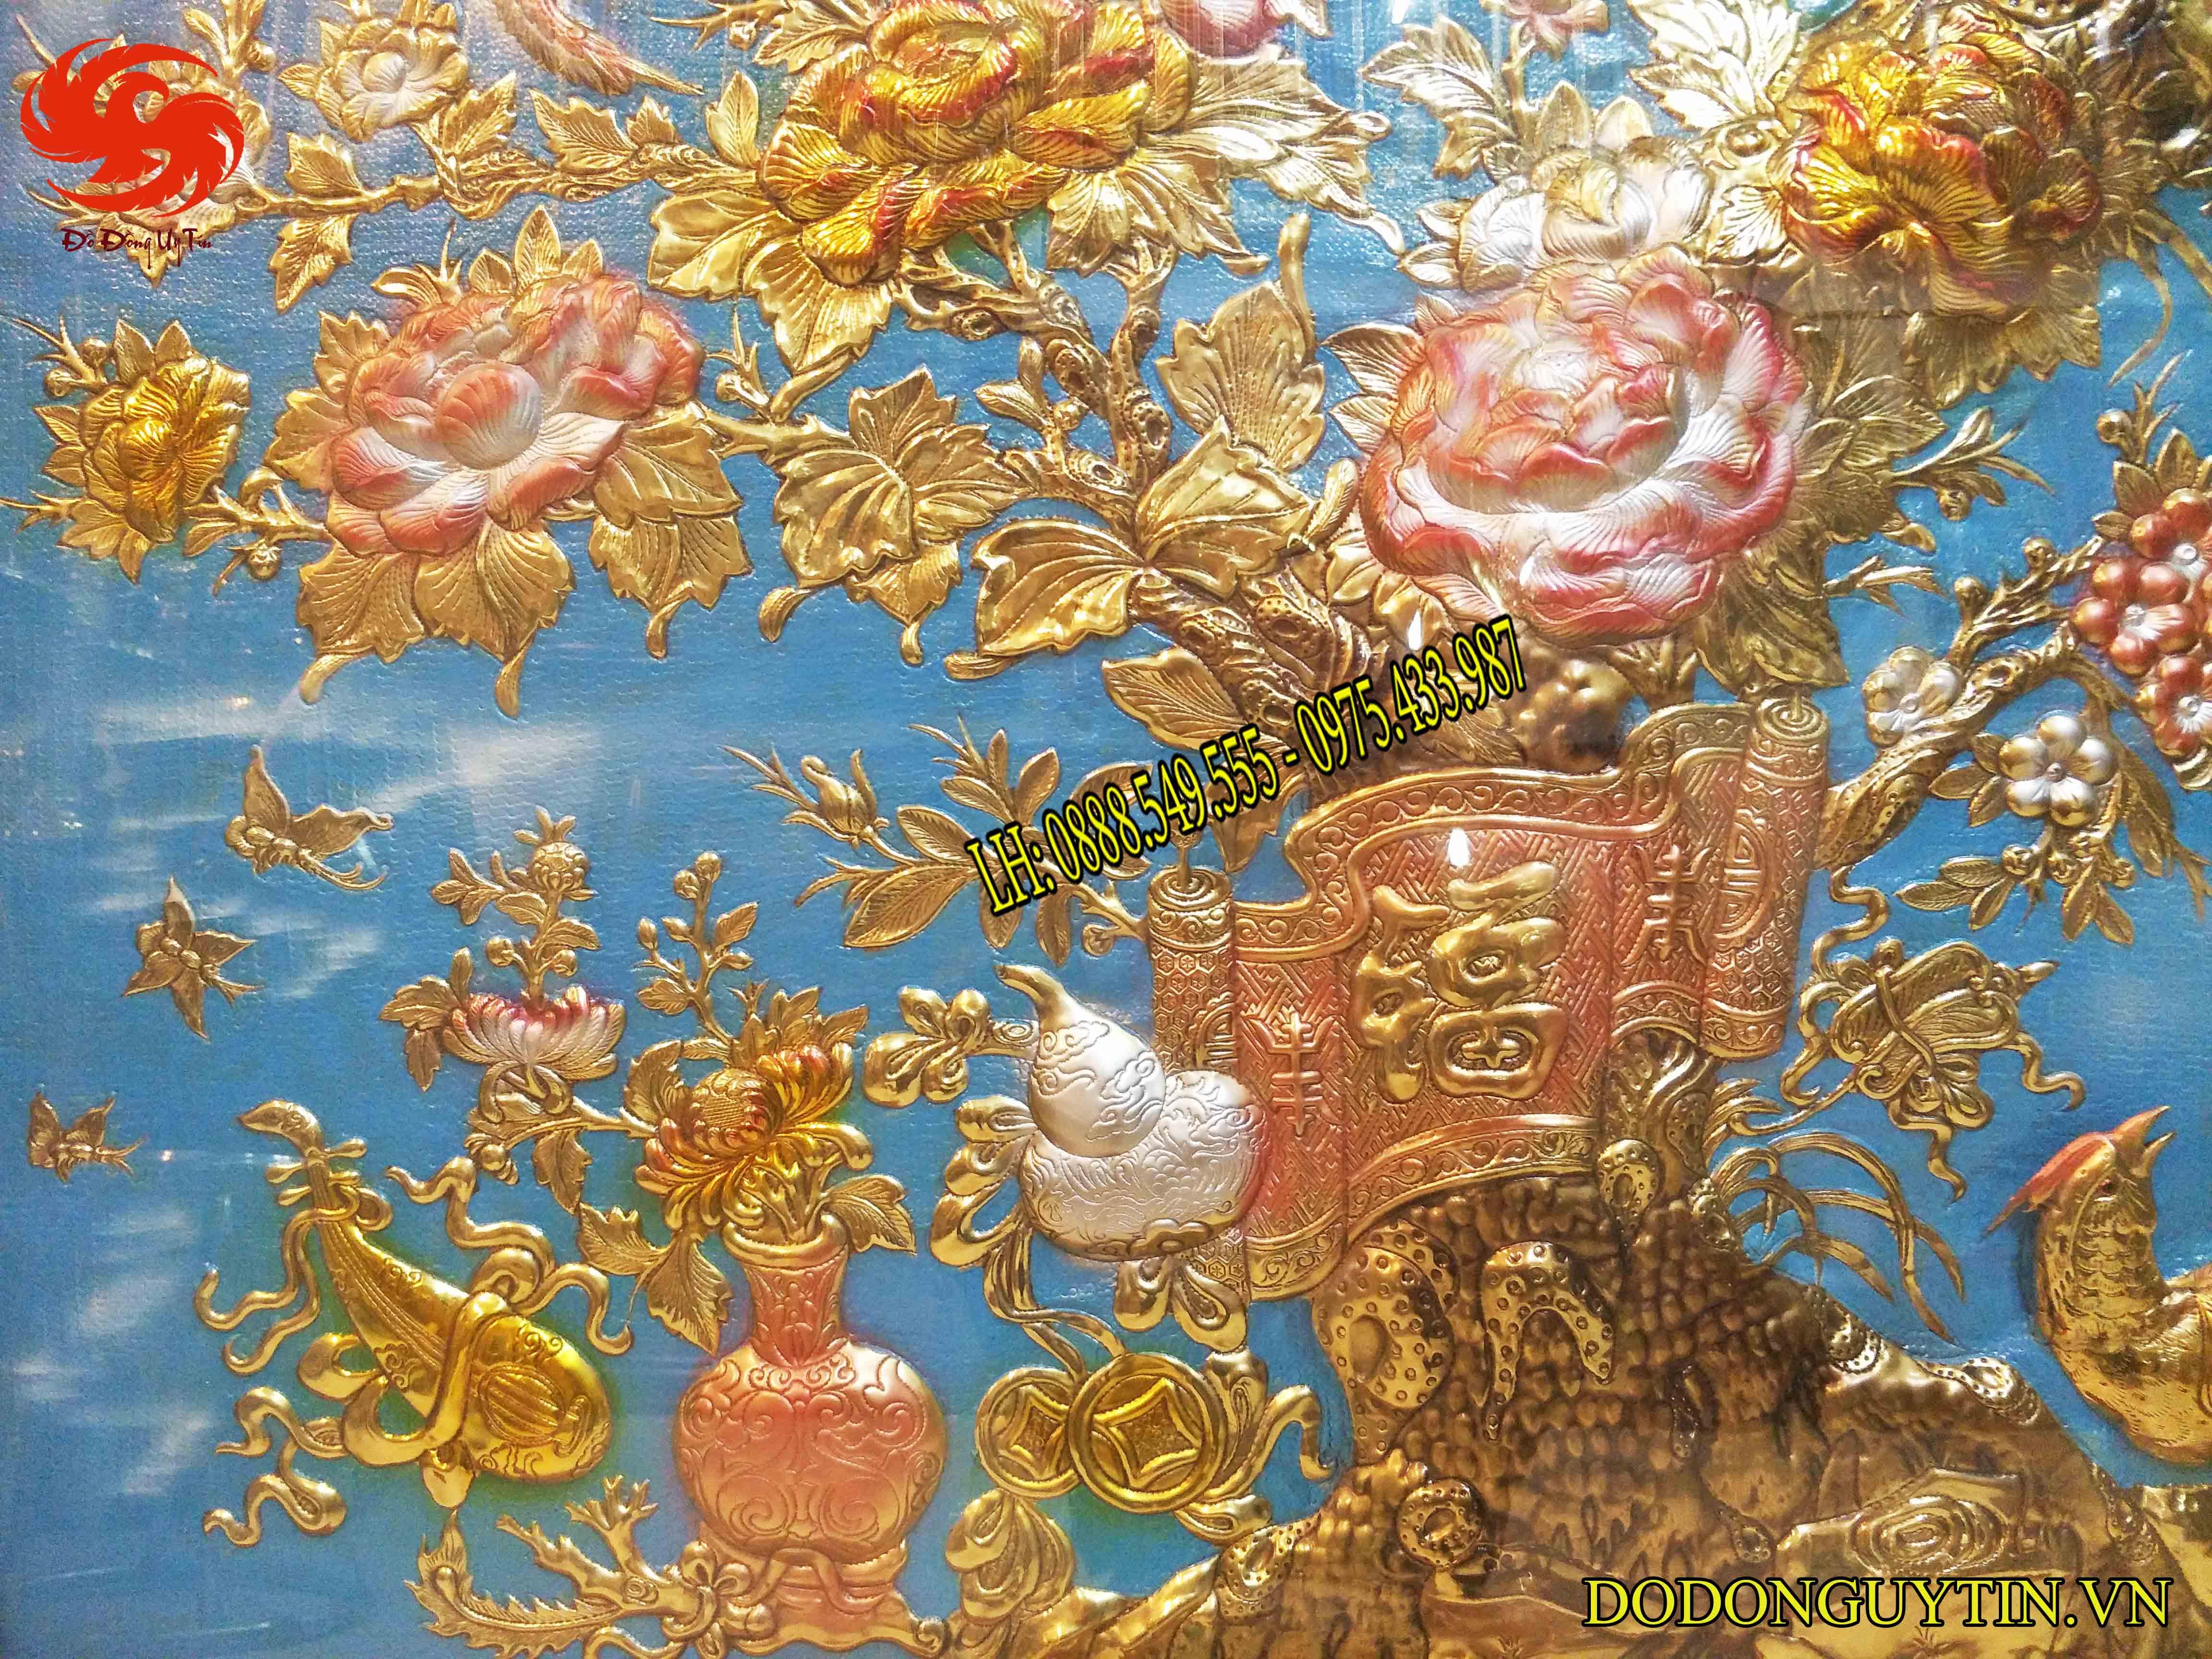 Tranh đồng Vinh hoa phú quý nền xanh